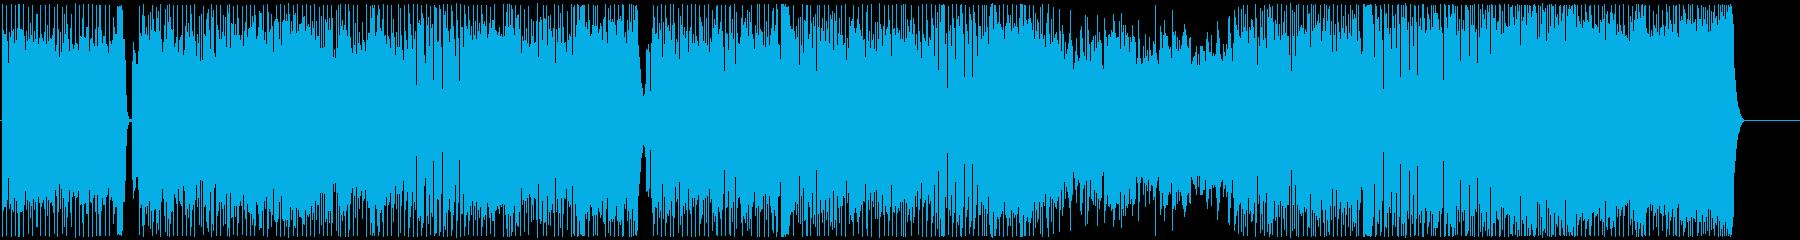 パワフルでノリノリになるメロディーの再生済みの波形